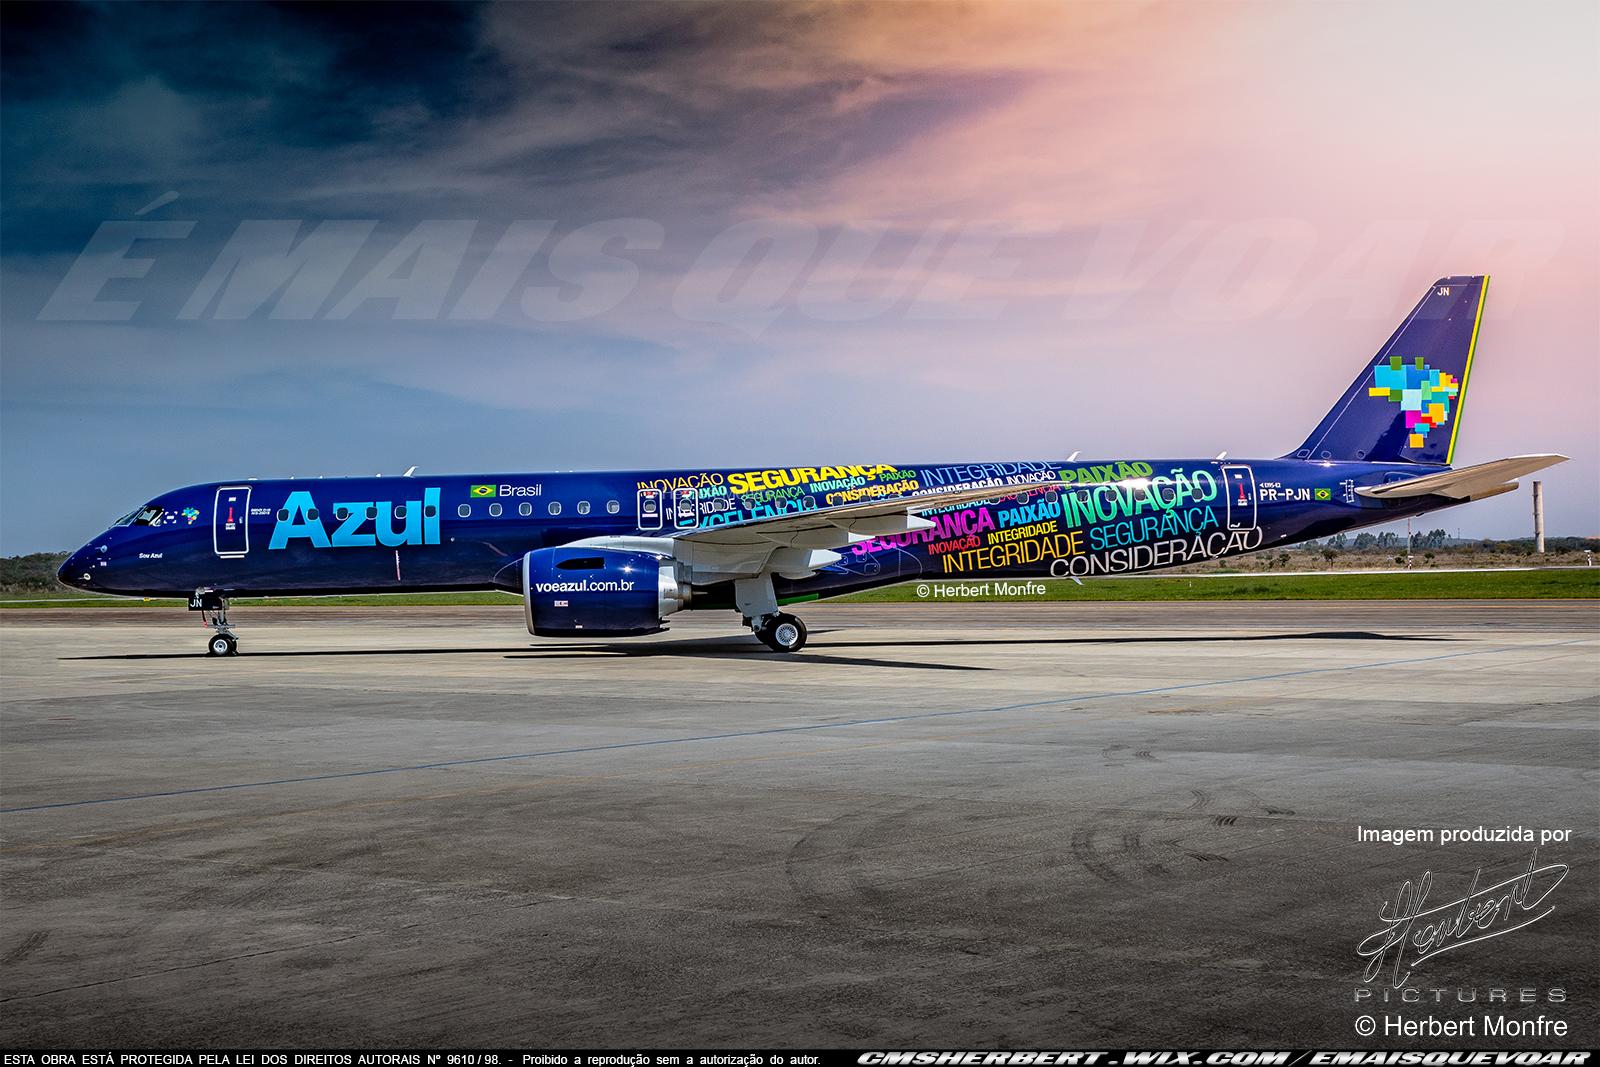 Embraer E195-E2 | PR-PJN | Azul Linhas Aéreas | Fotógrafo © Herbert Monfre - Contrate o fotógrafo em cmsherbert@hotmail.com | Publicado por É MAIS QUE VOAR